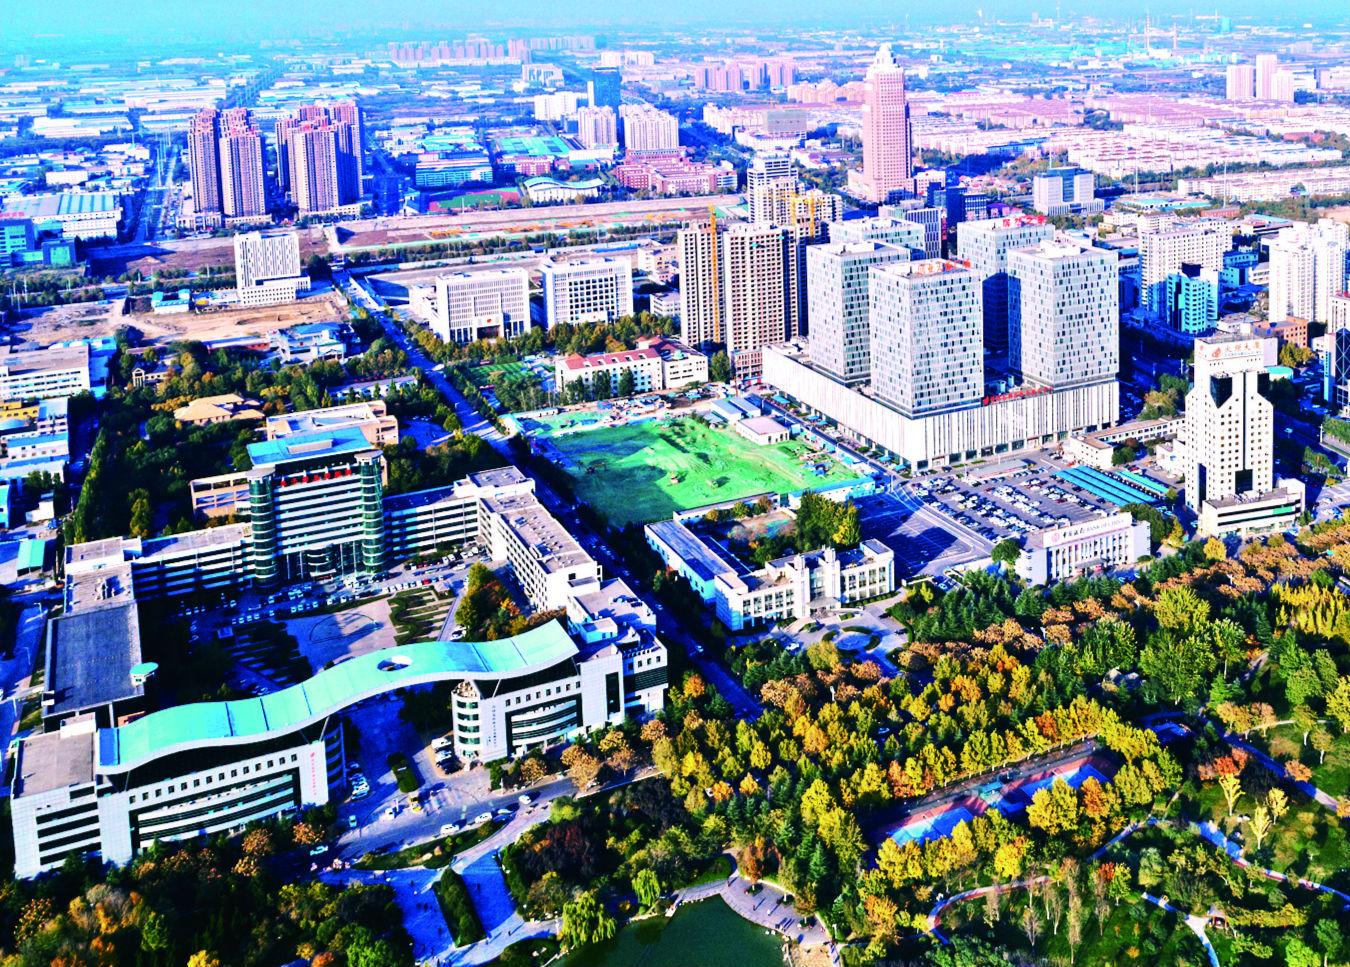 """山水环绕 森林围城 淄博高新区有了""""金山银山"""""""